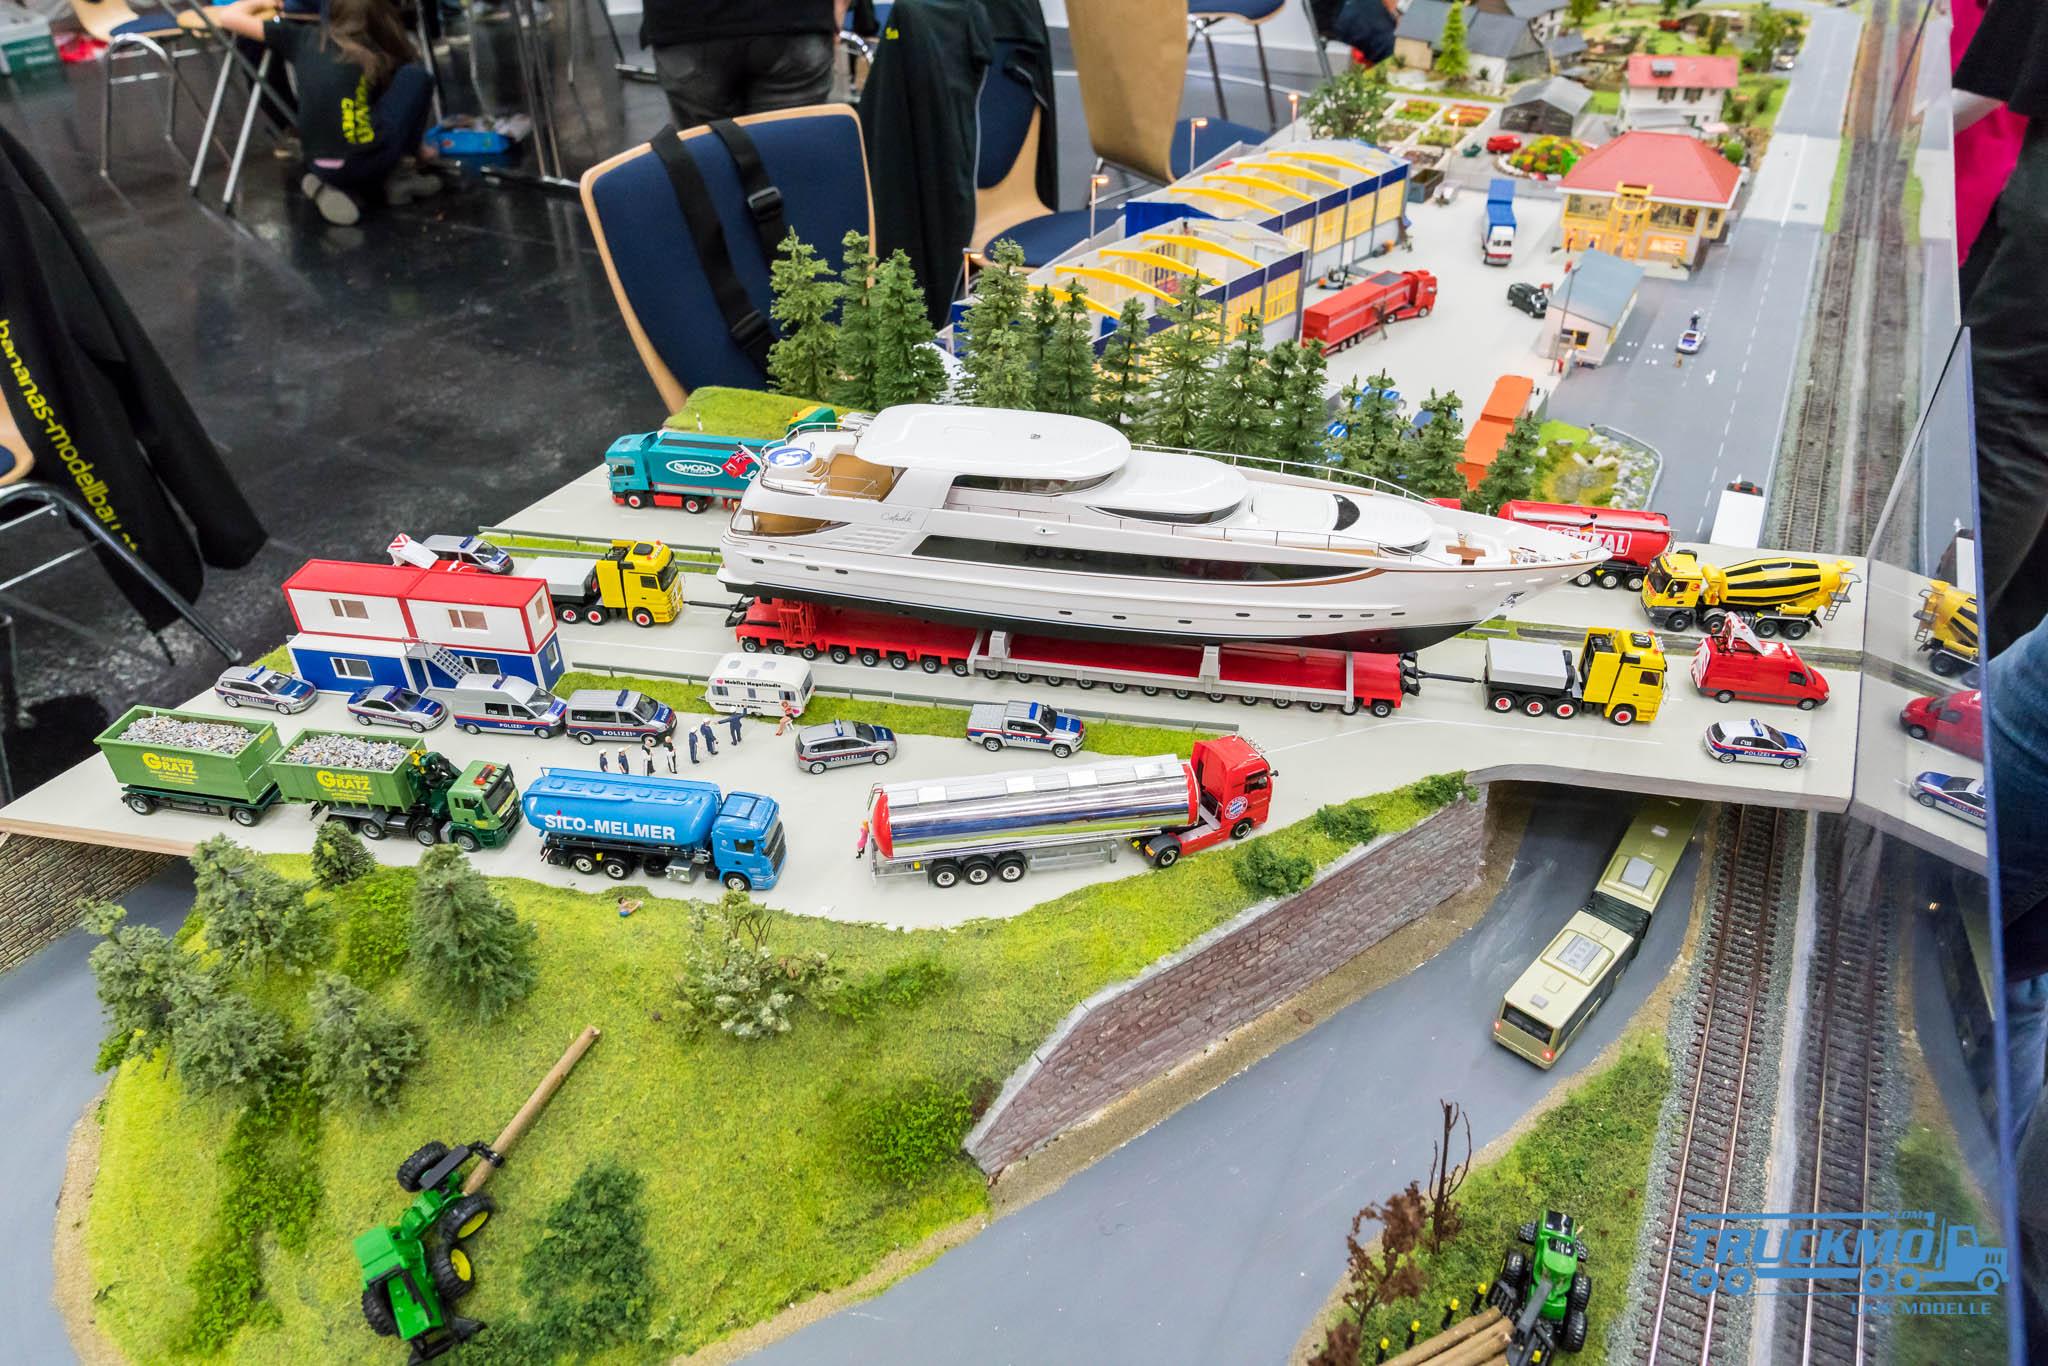 Truckmo_Modellbau_Ried_2017_Herpa_Messe_Modellbauausstellung (258 von 1177)